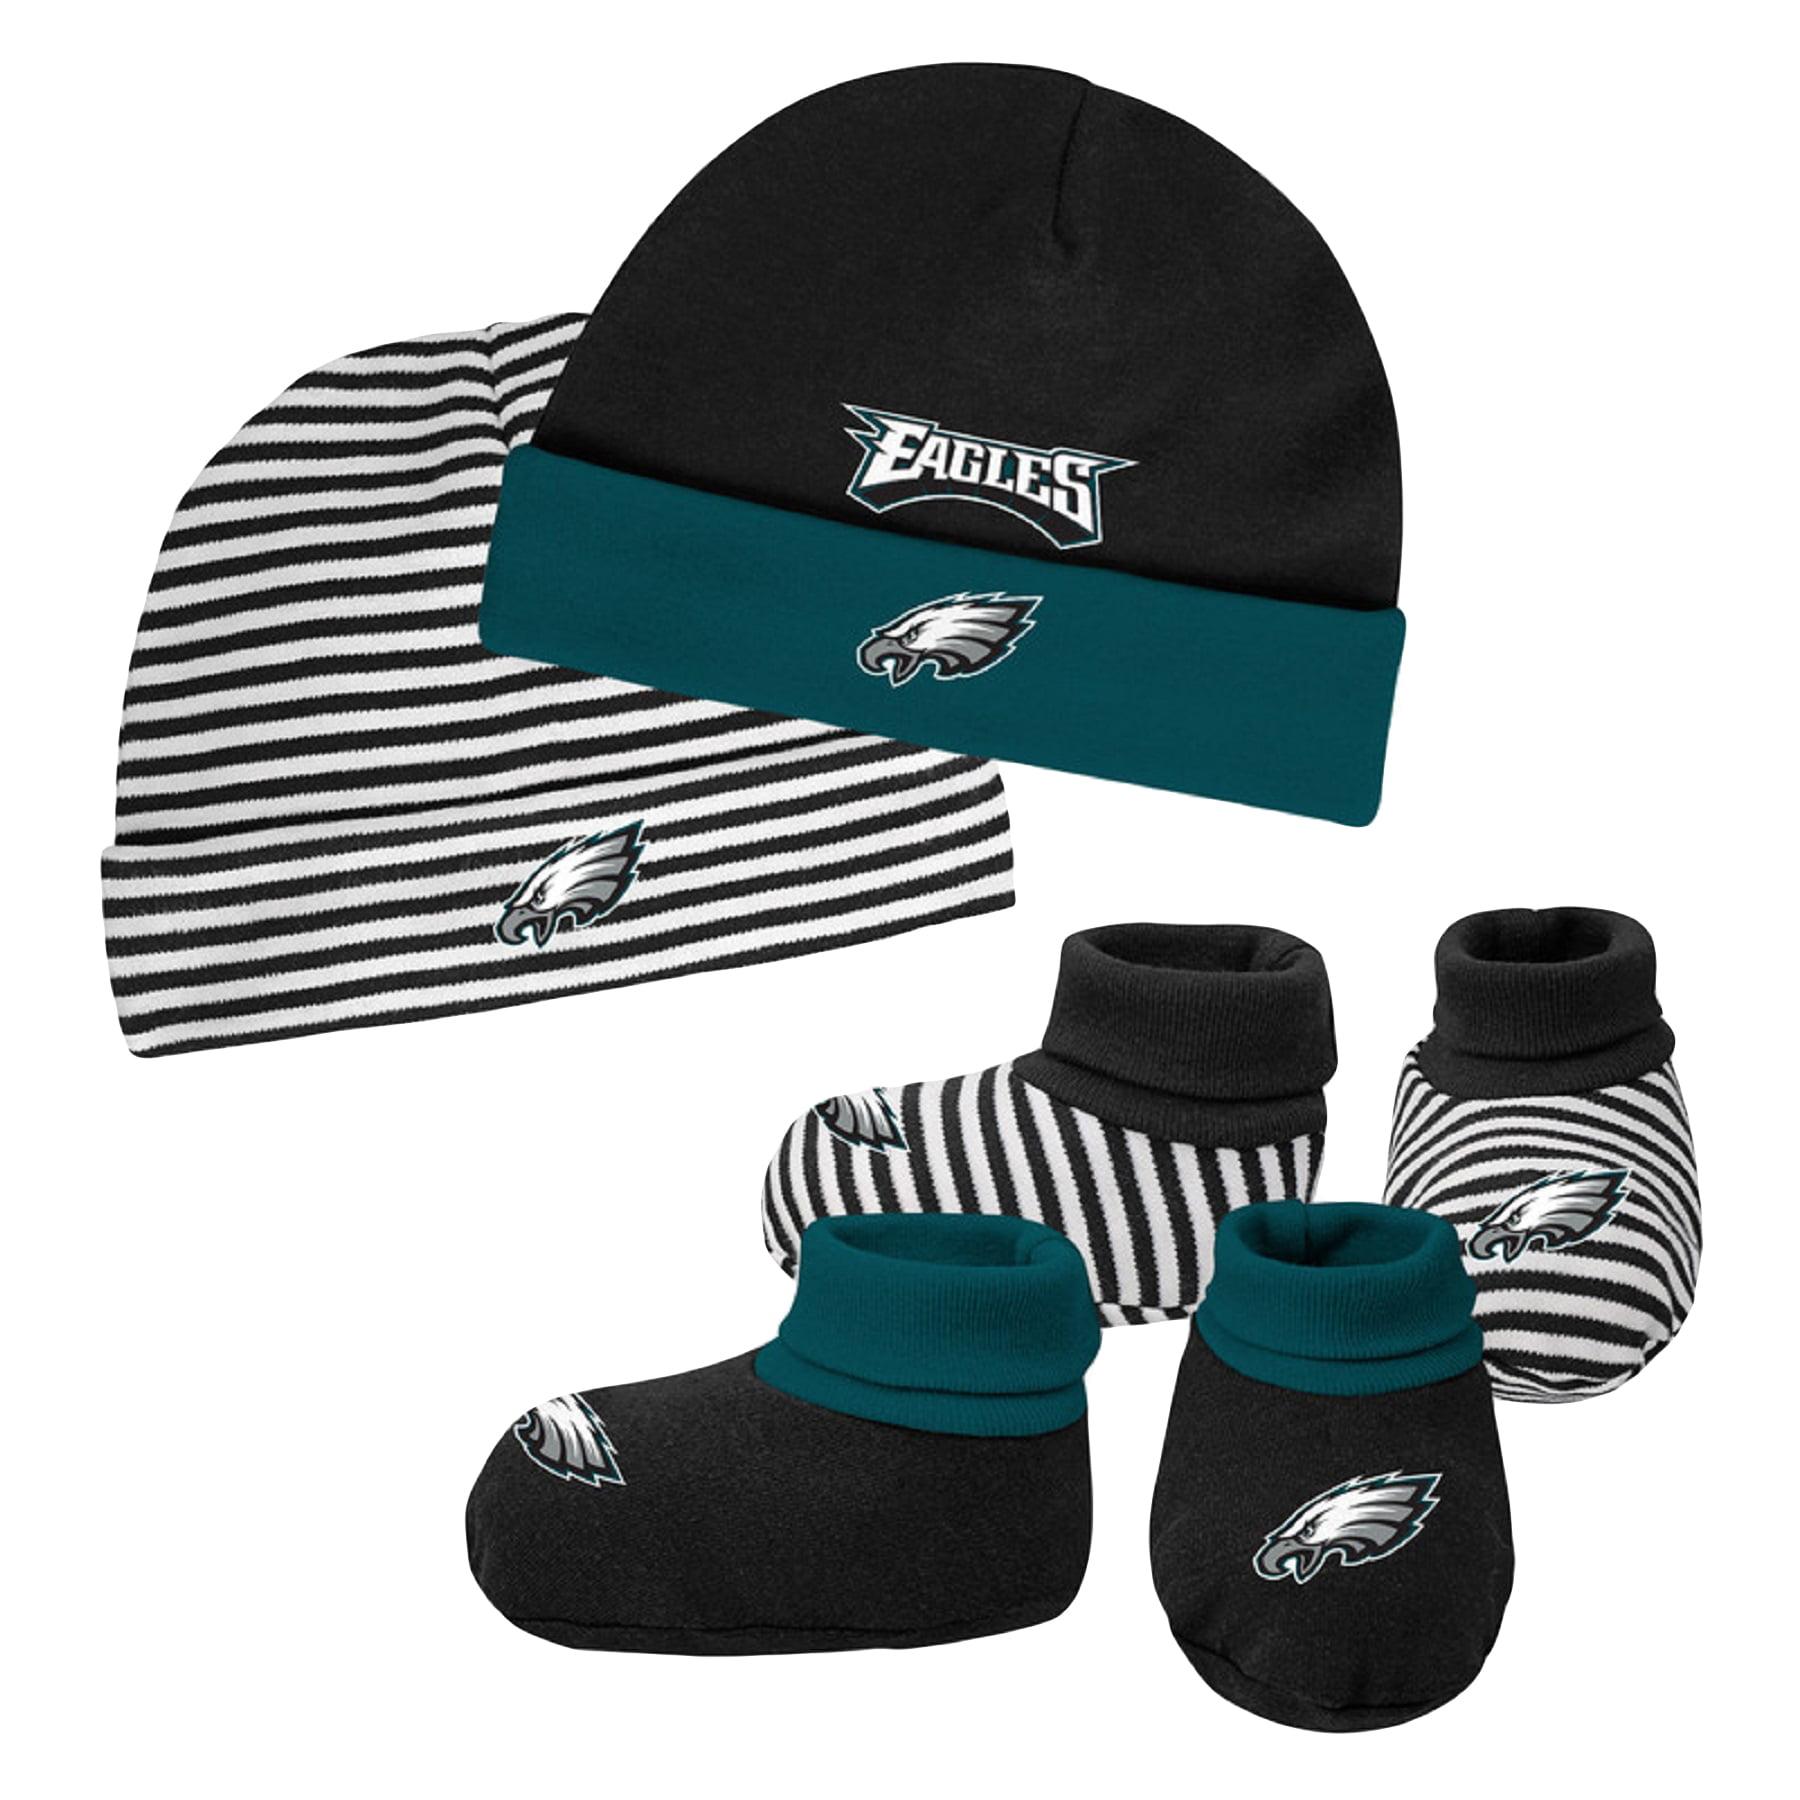 Newborn & Infant Midnight Green/Black Philadelphia Eagles Cuffed Knit Hat & Booties Set - Newborn